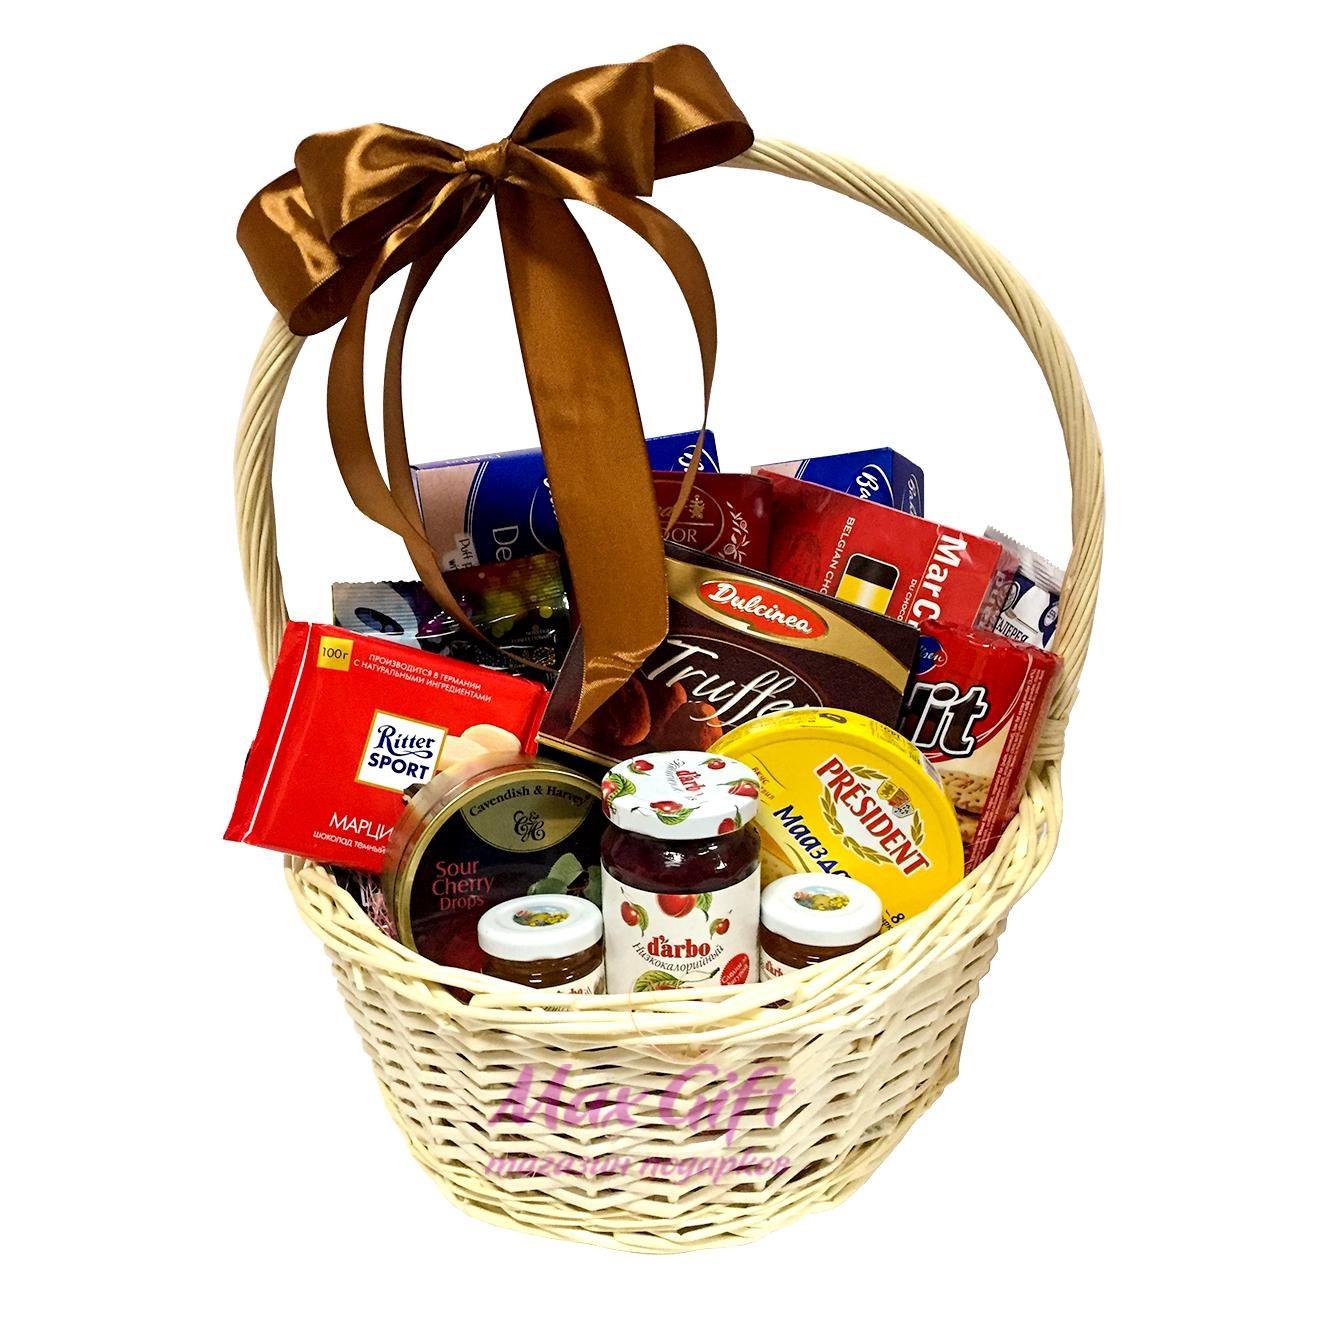 Поздравление к подарку продуктовая корзина